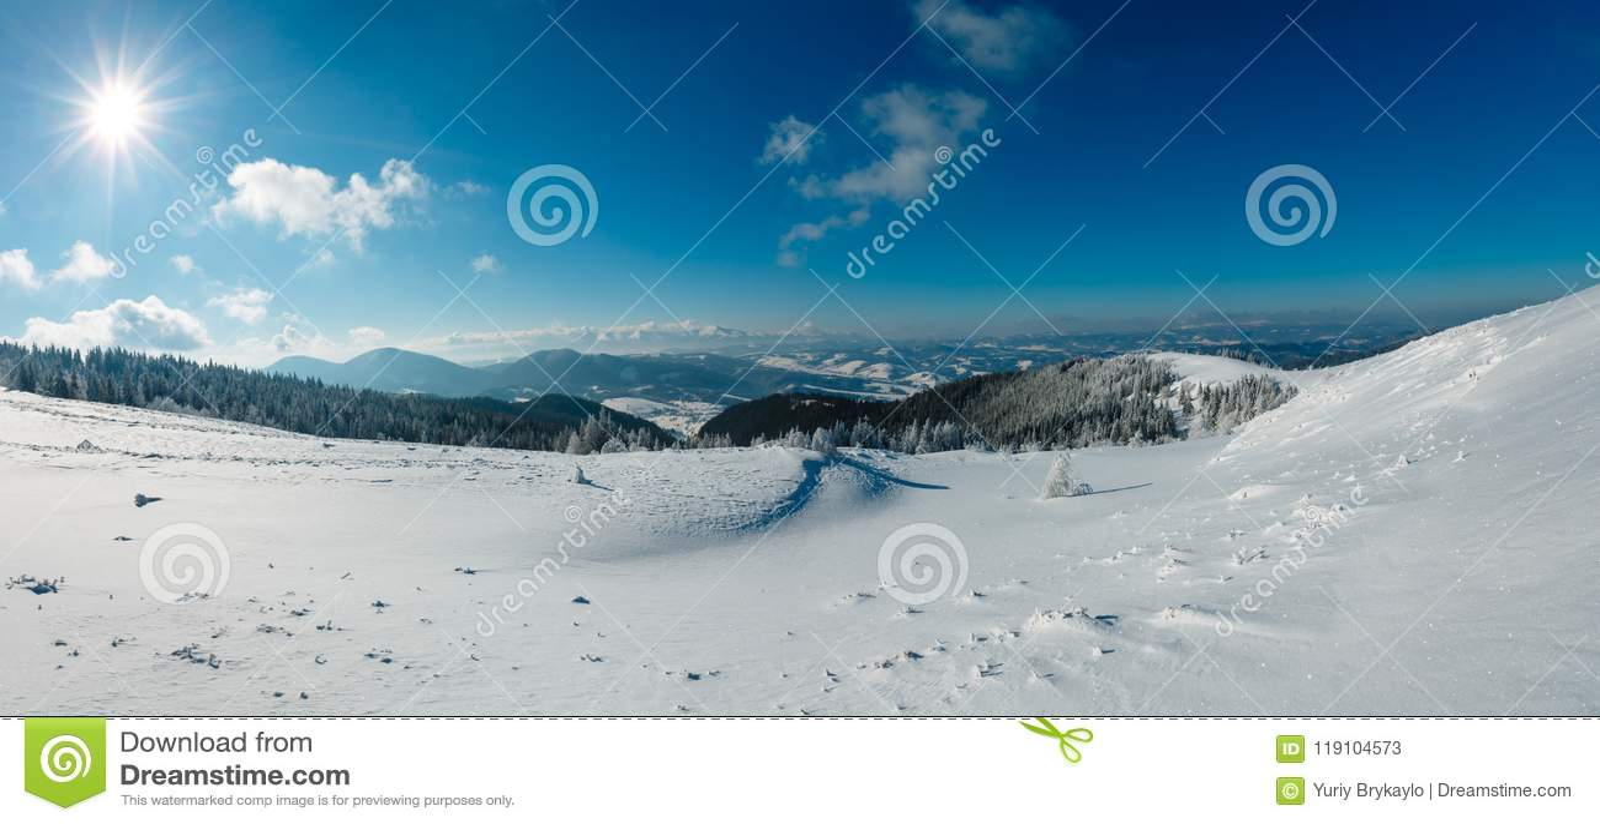 Sunshiny Wintergebirgsschneebedeckte Landschaft